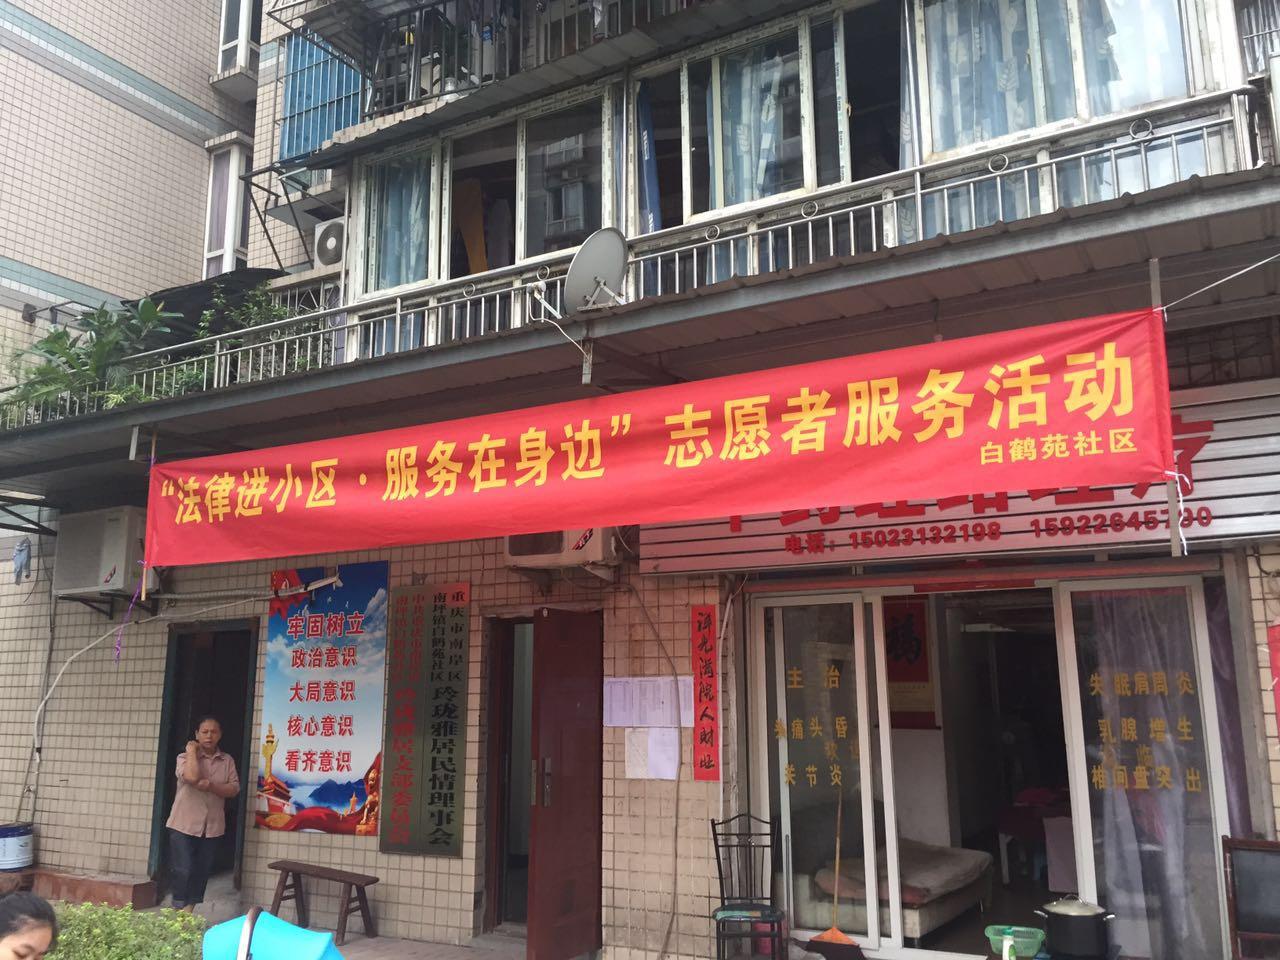 彭老师在南坪镇白鹤苑社区法律咨询活动